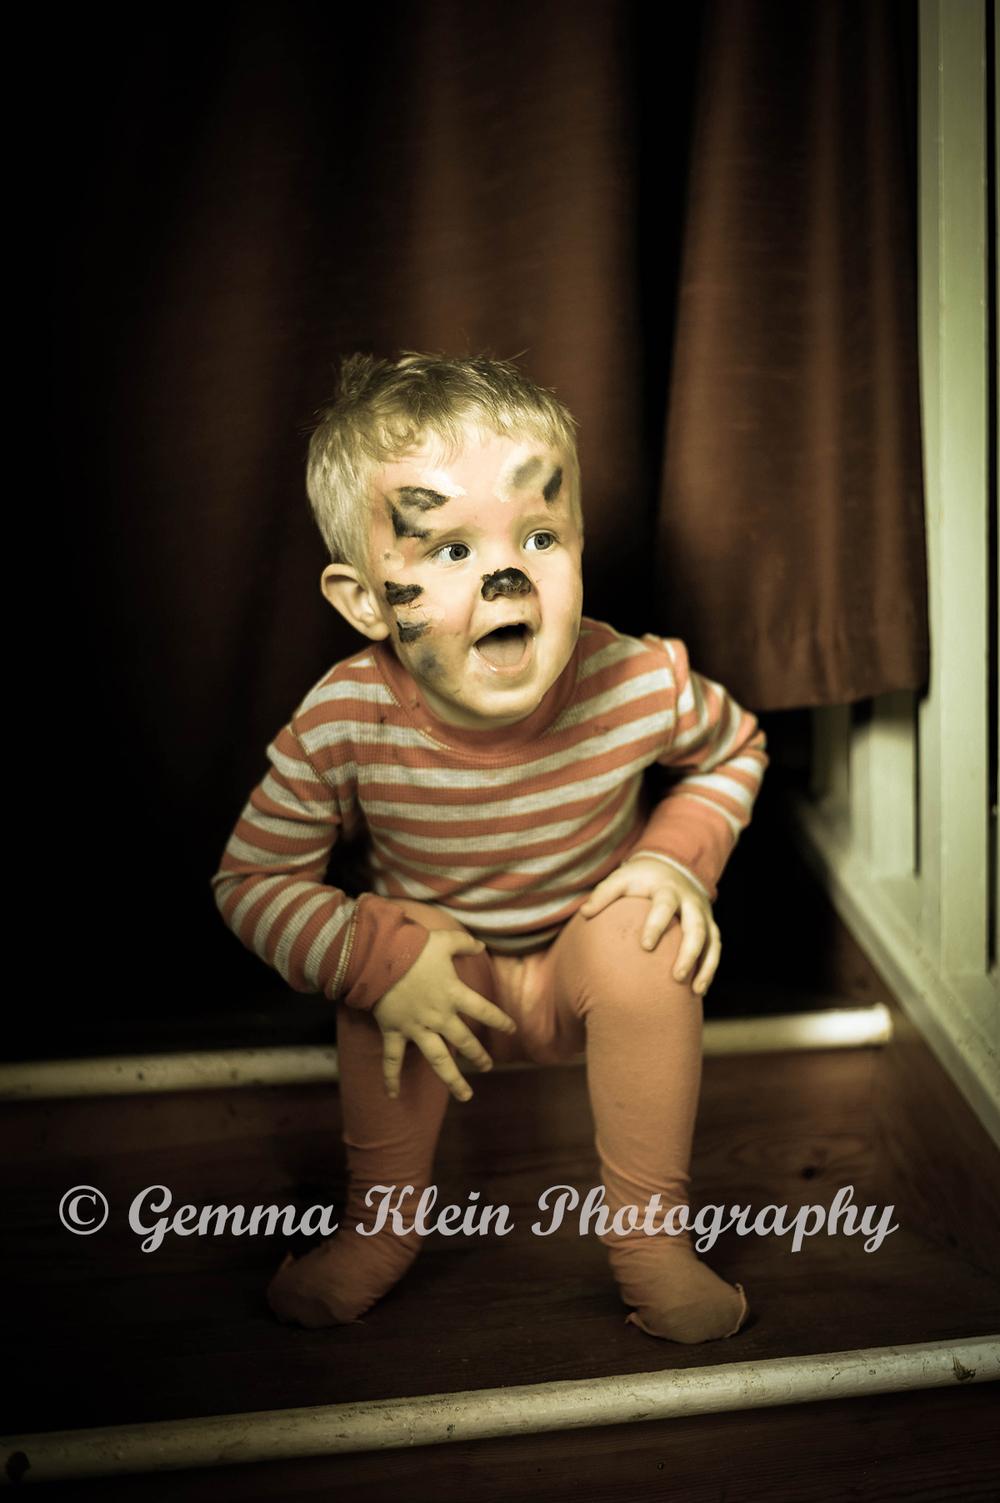 Gemma Klein Photography